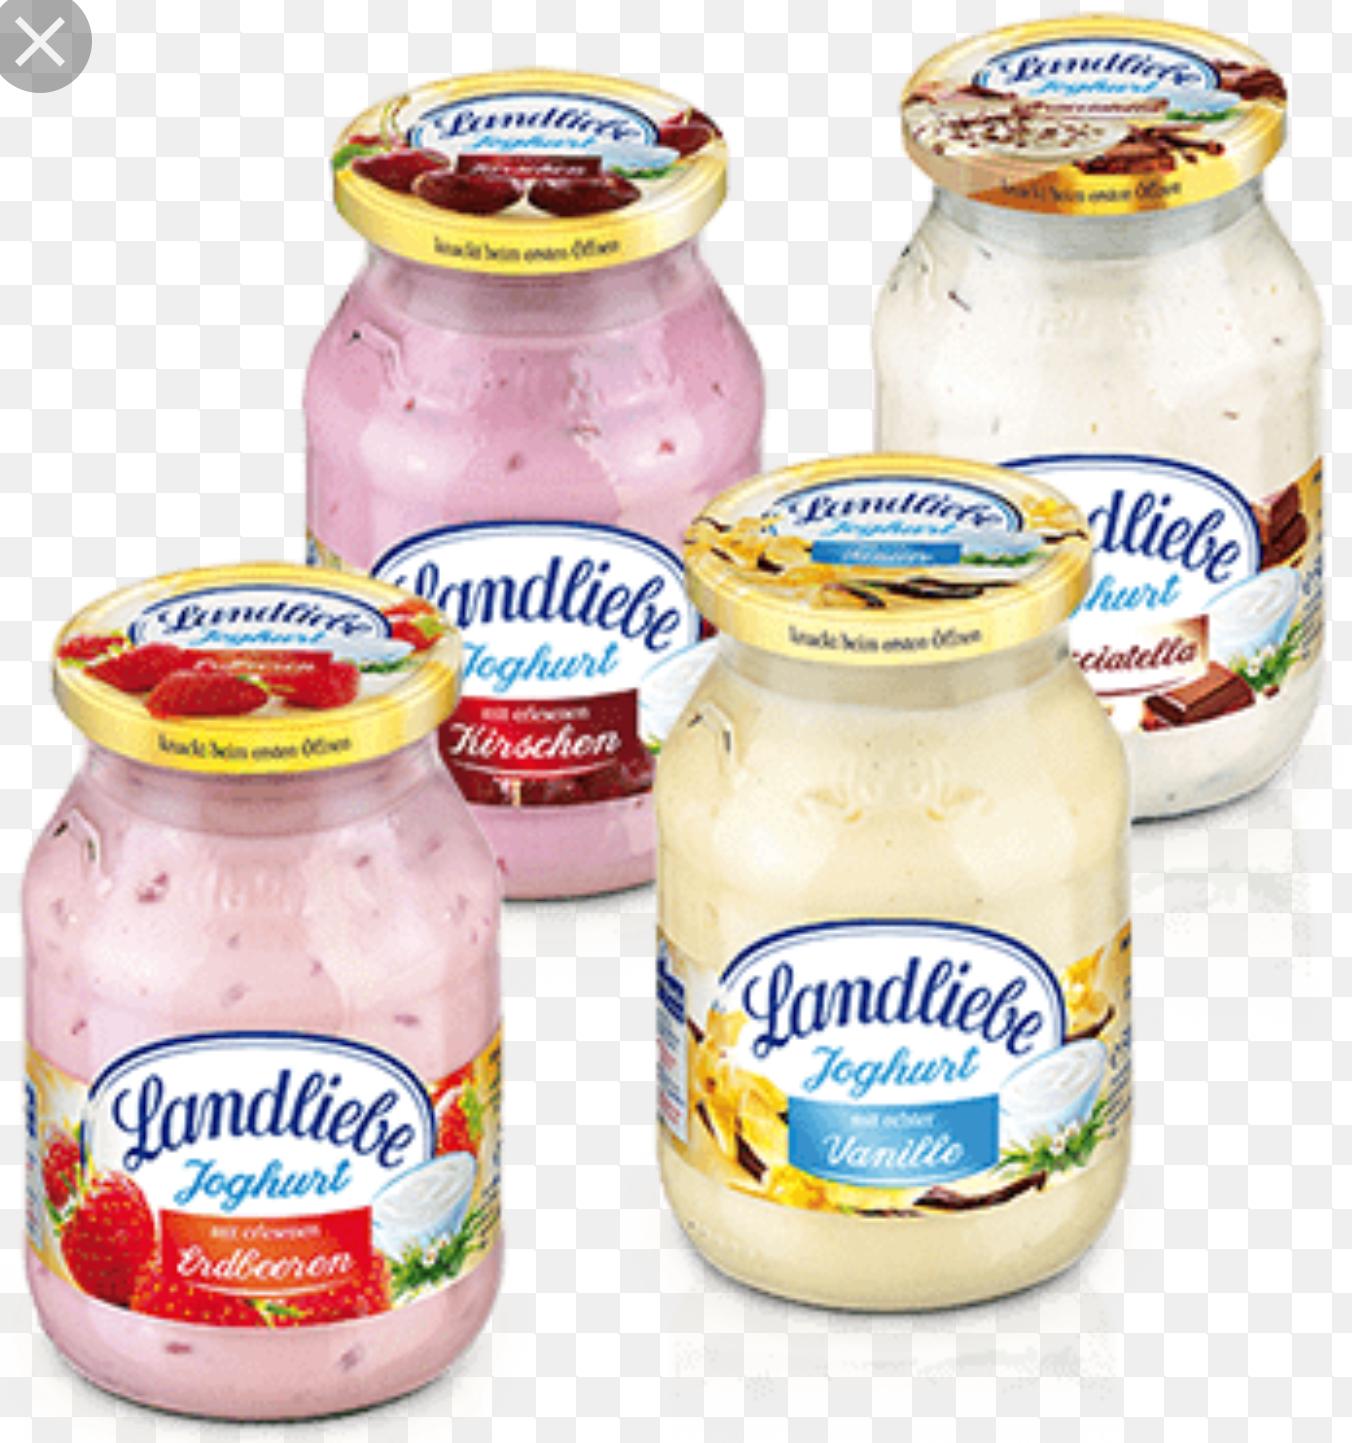 Jogurt Landliebe w Carefour cena za 2szt 7.99